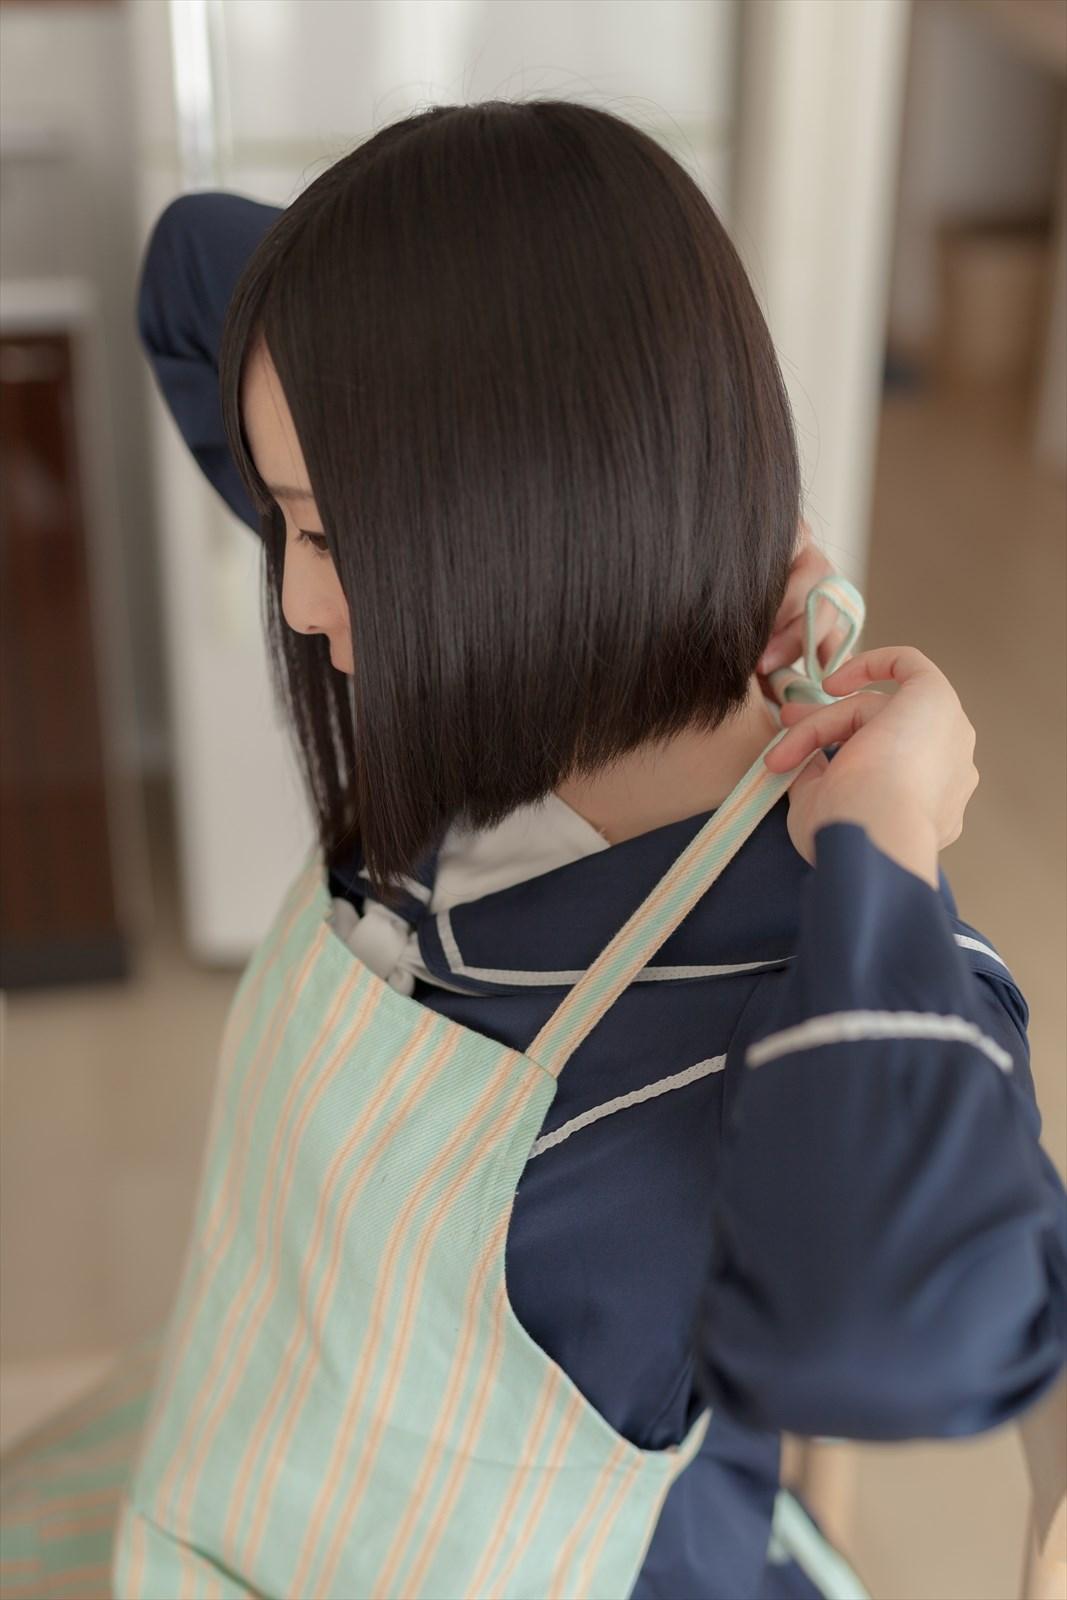 【兔玩映画】学妹的情书 兔玩映画 第22张